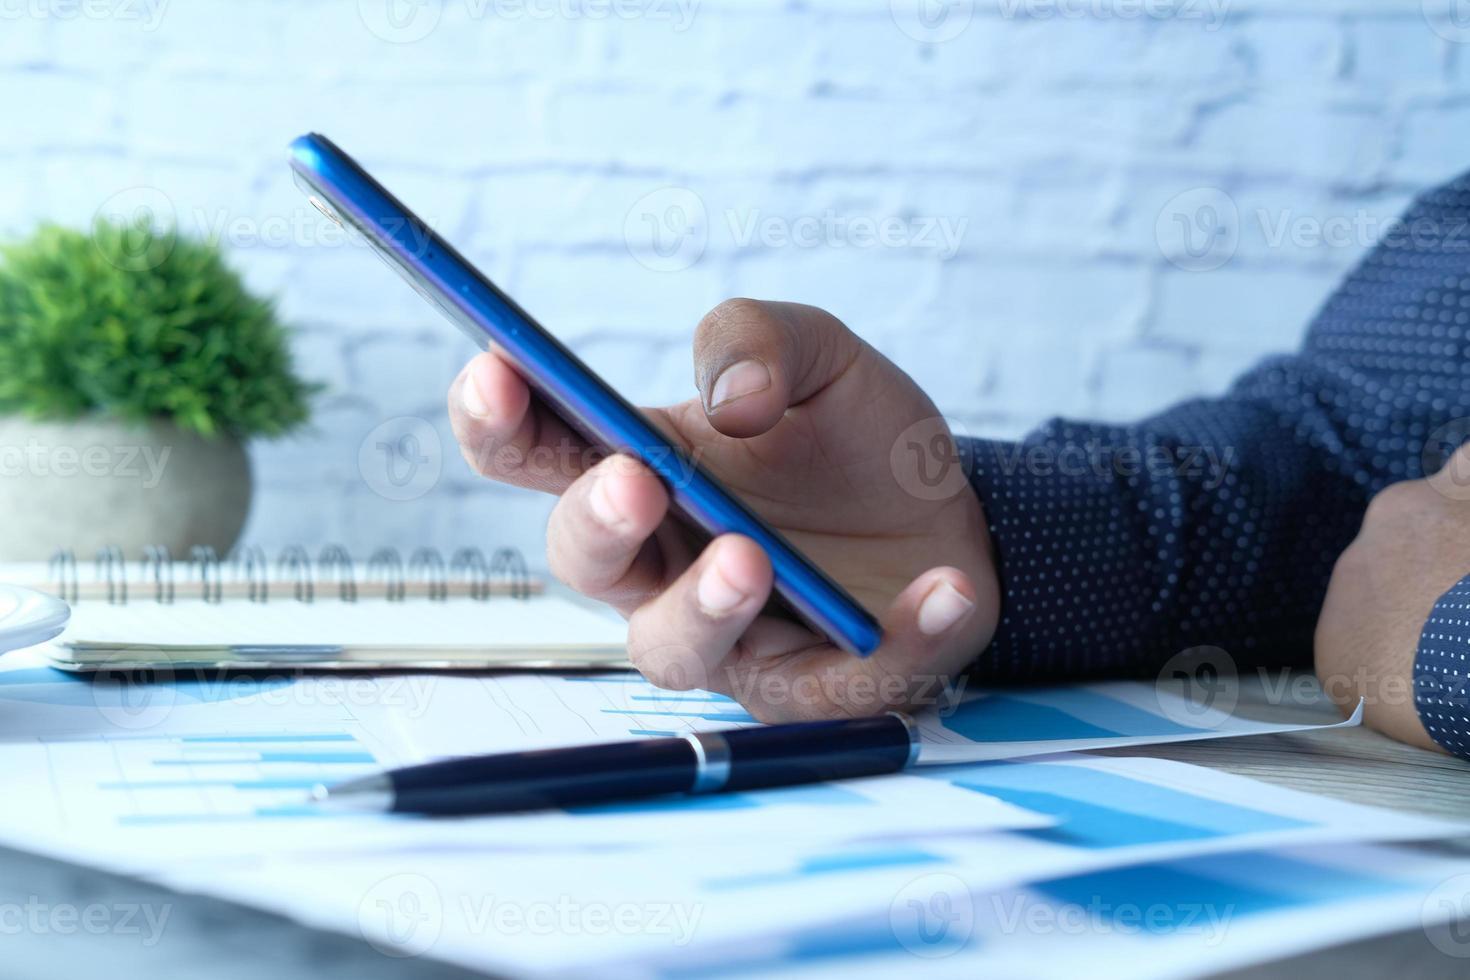 personne utilisant un téléphone mobile bleu photo